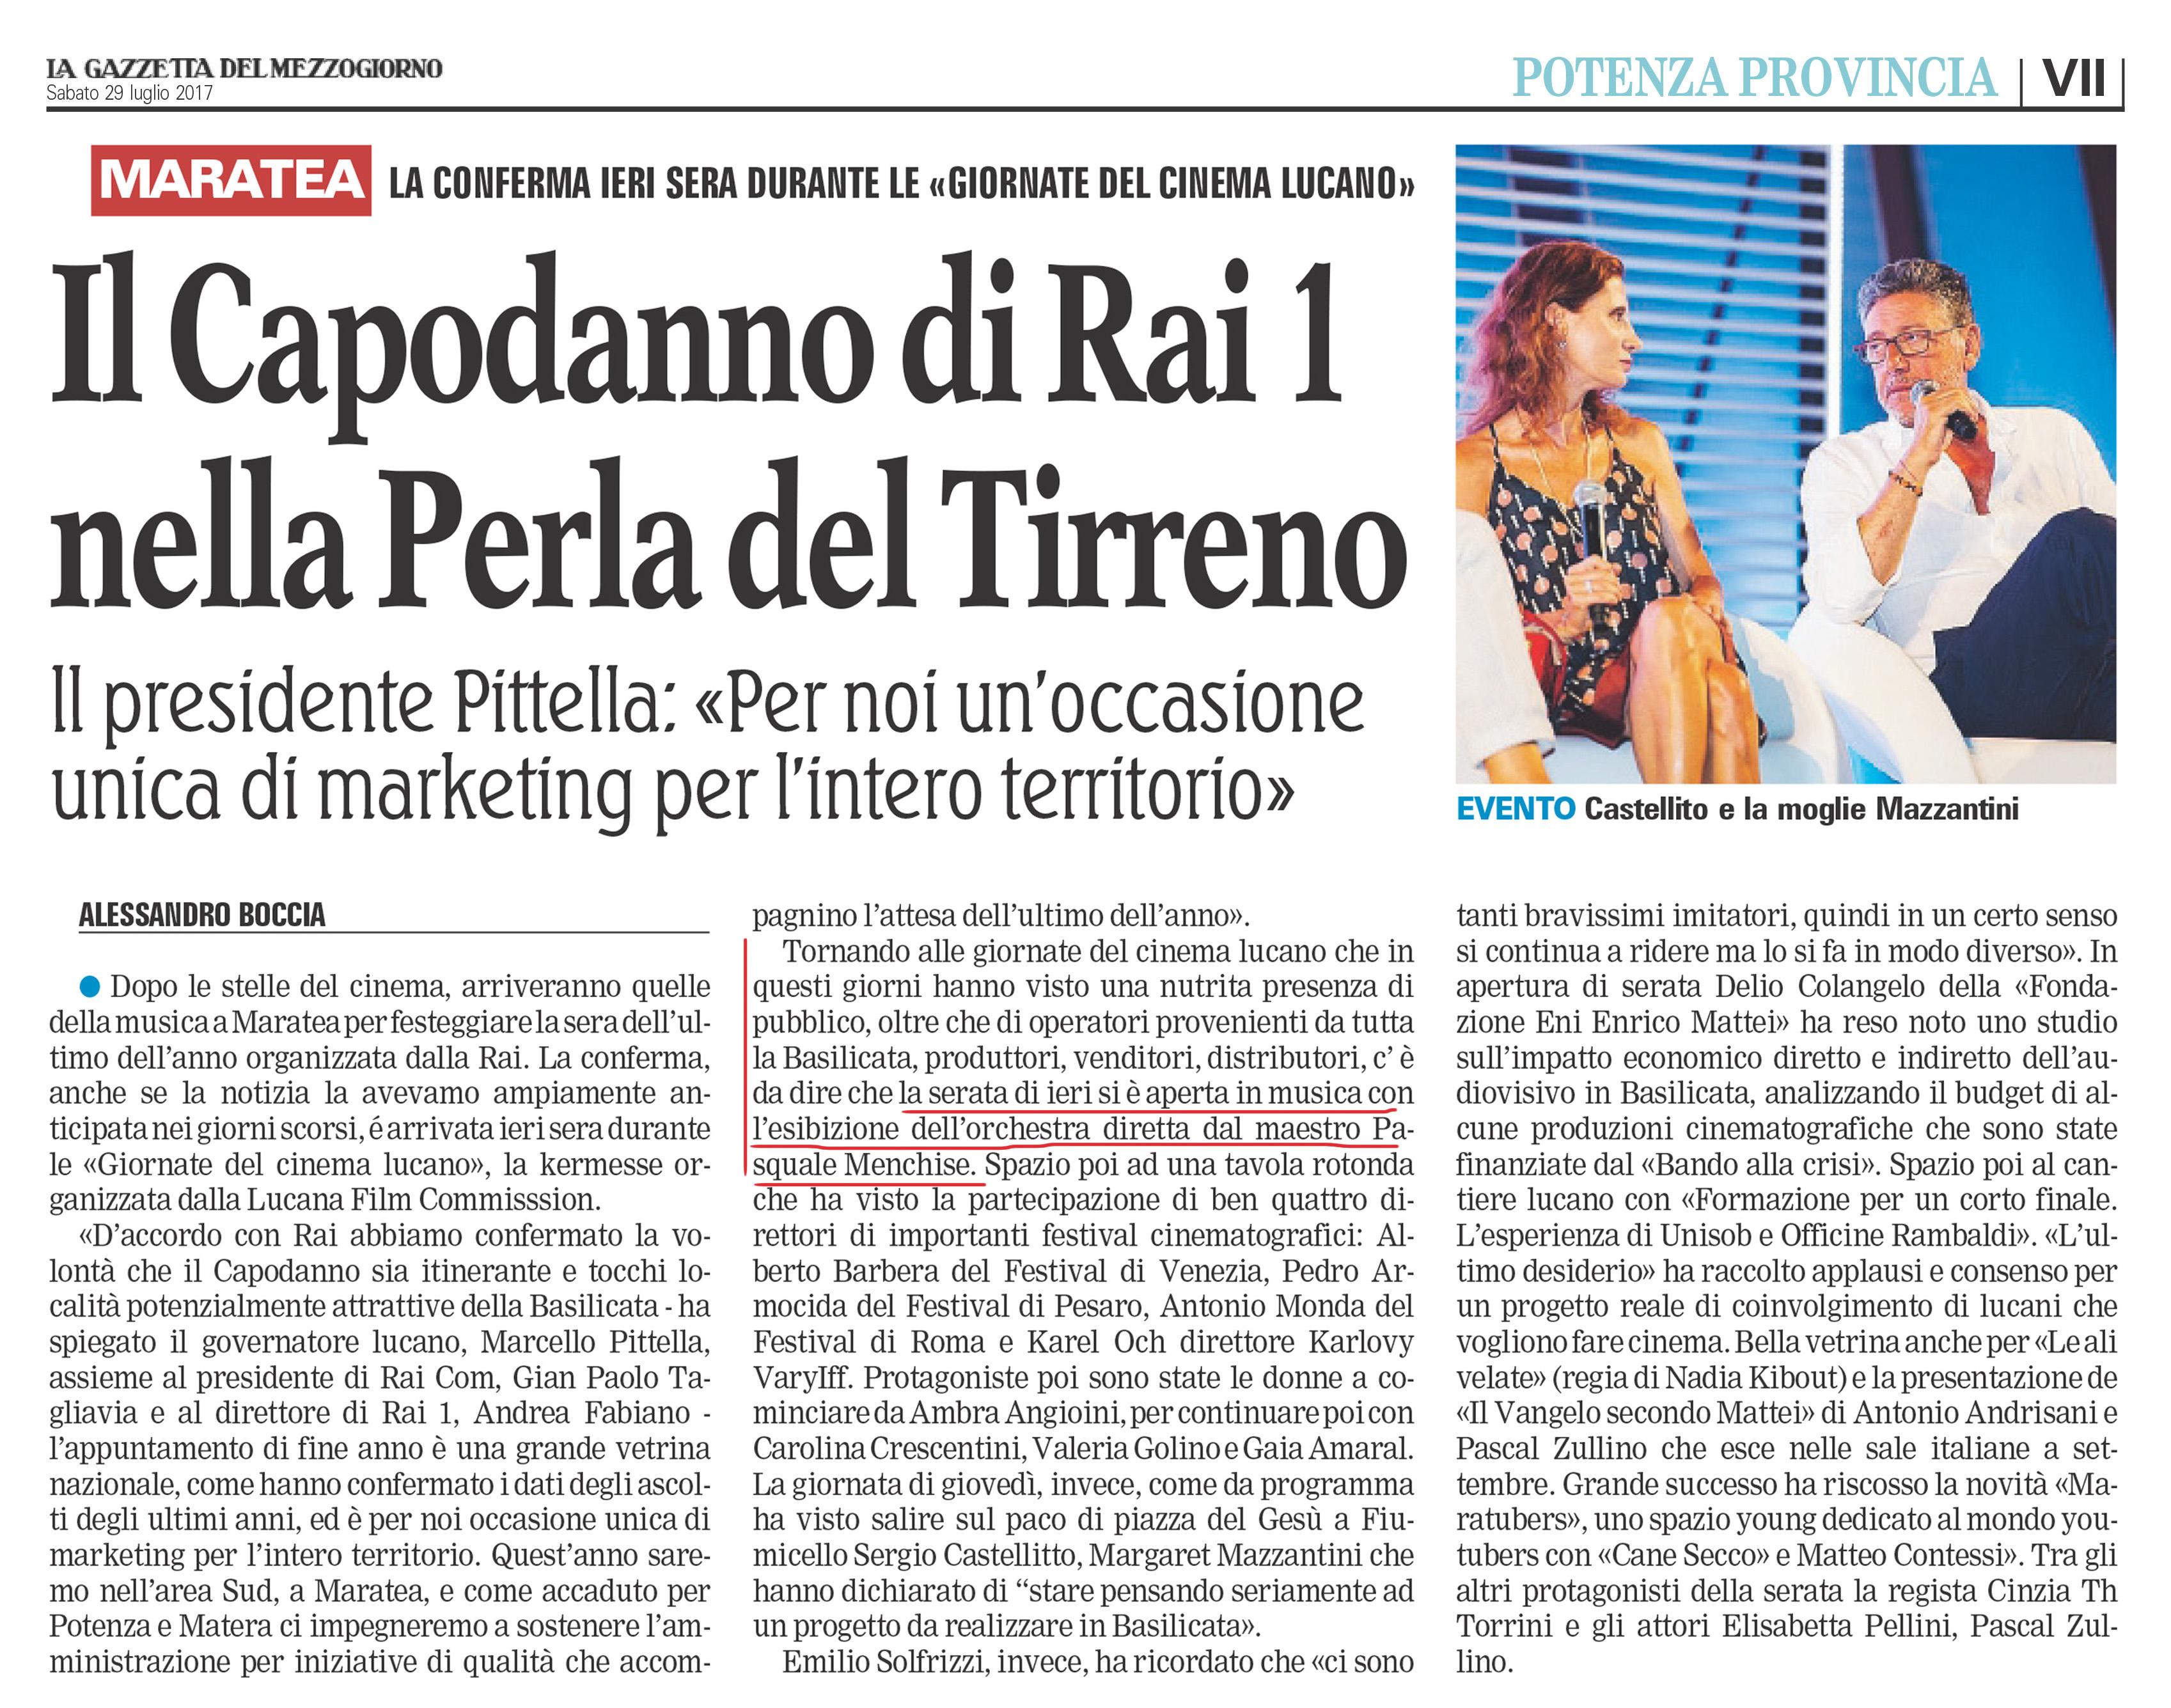 3_La Gazzetta_29 luglio_Matarea